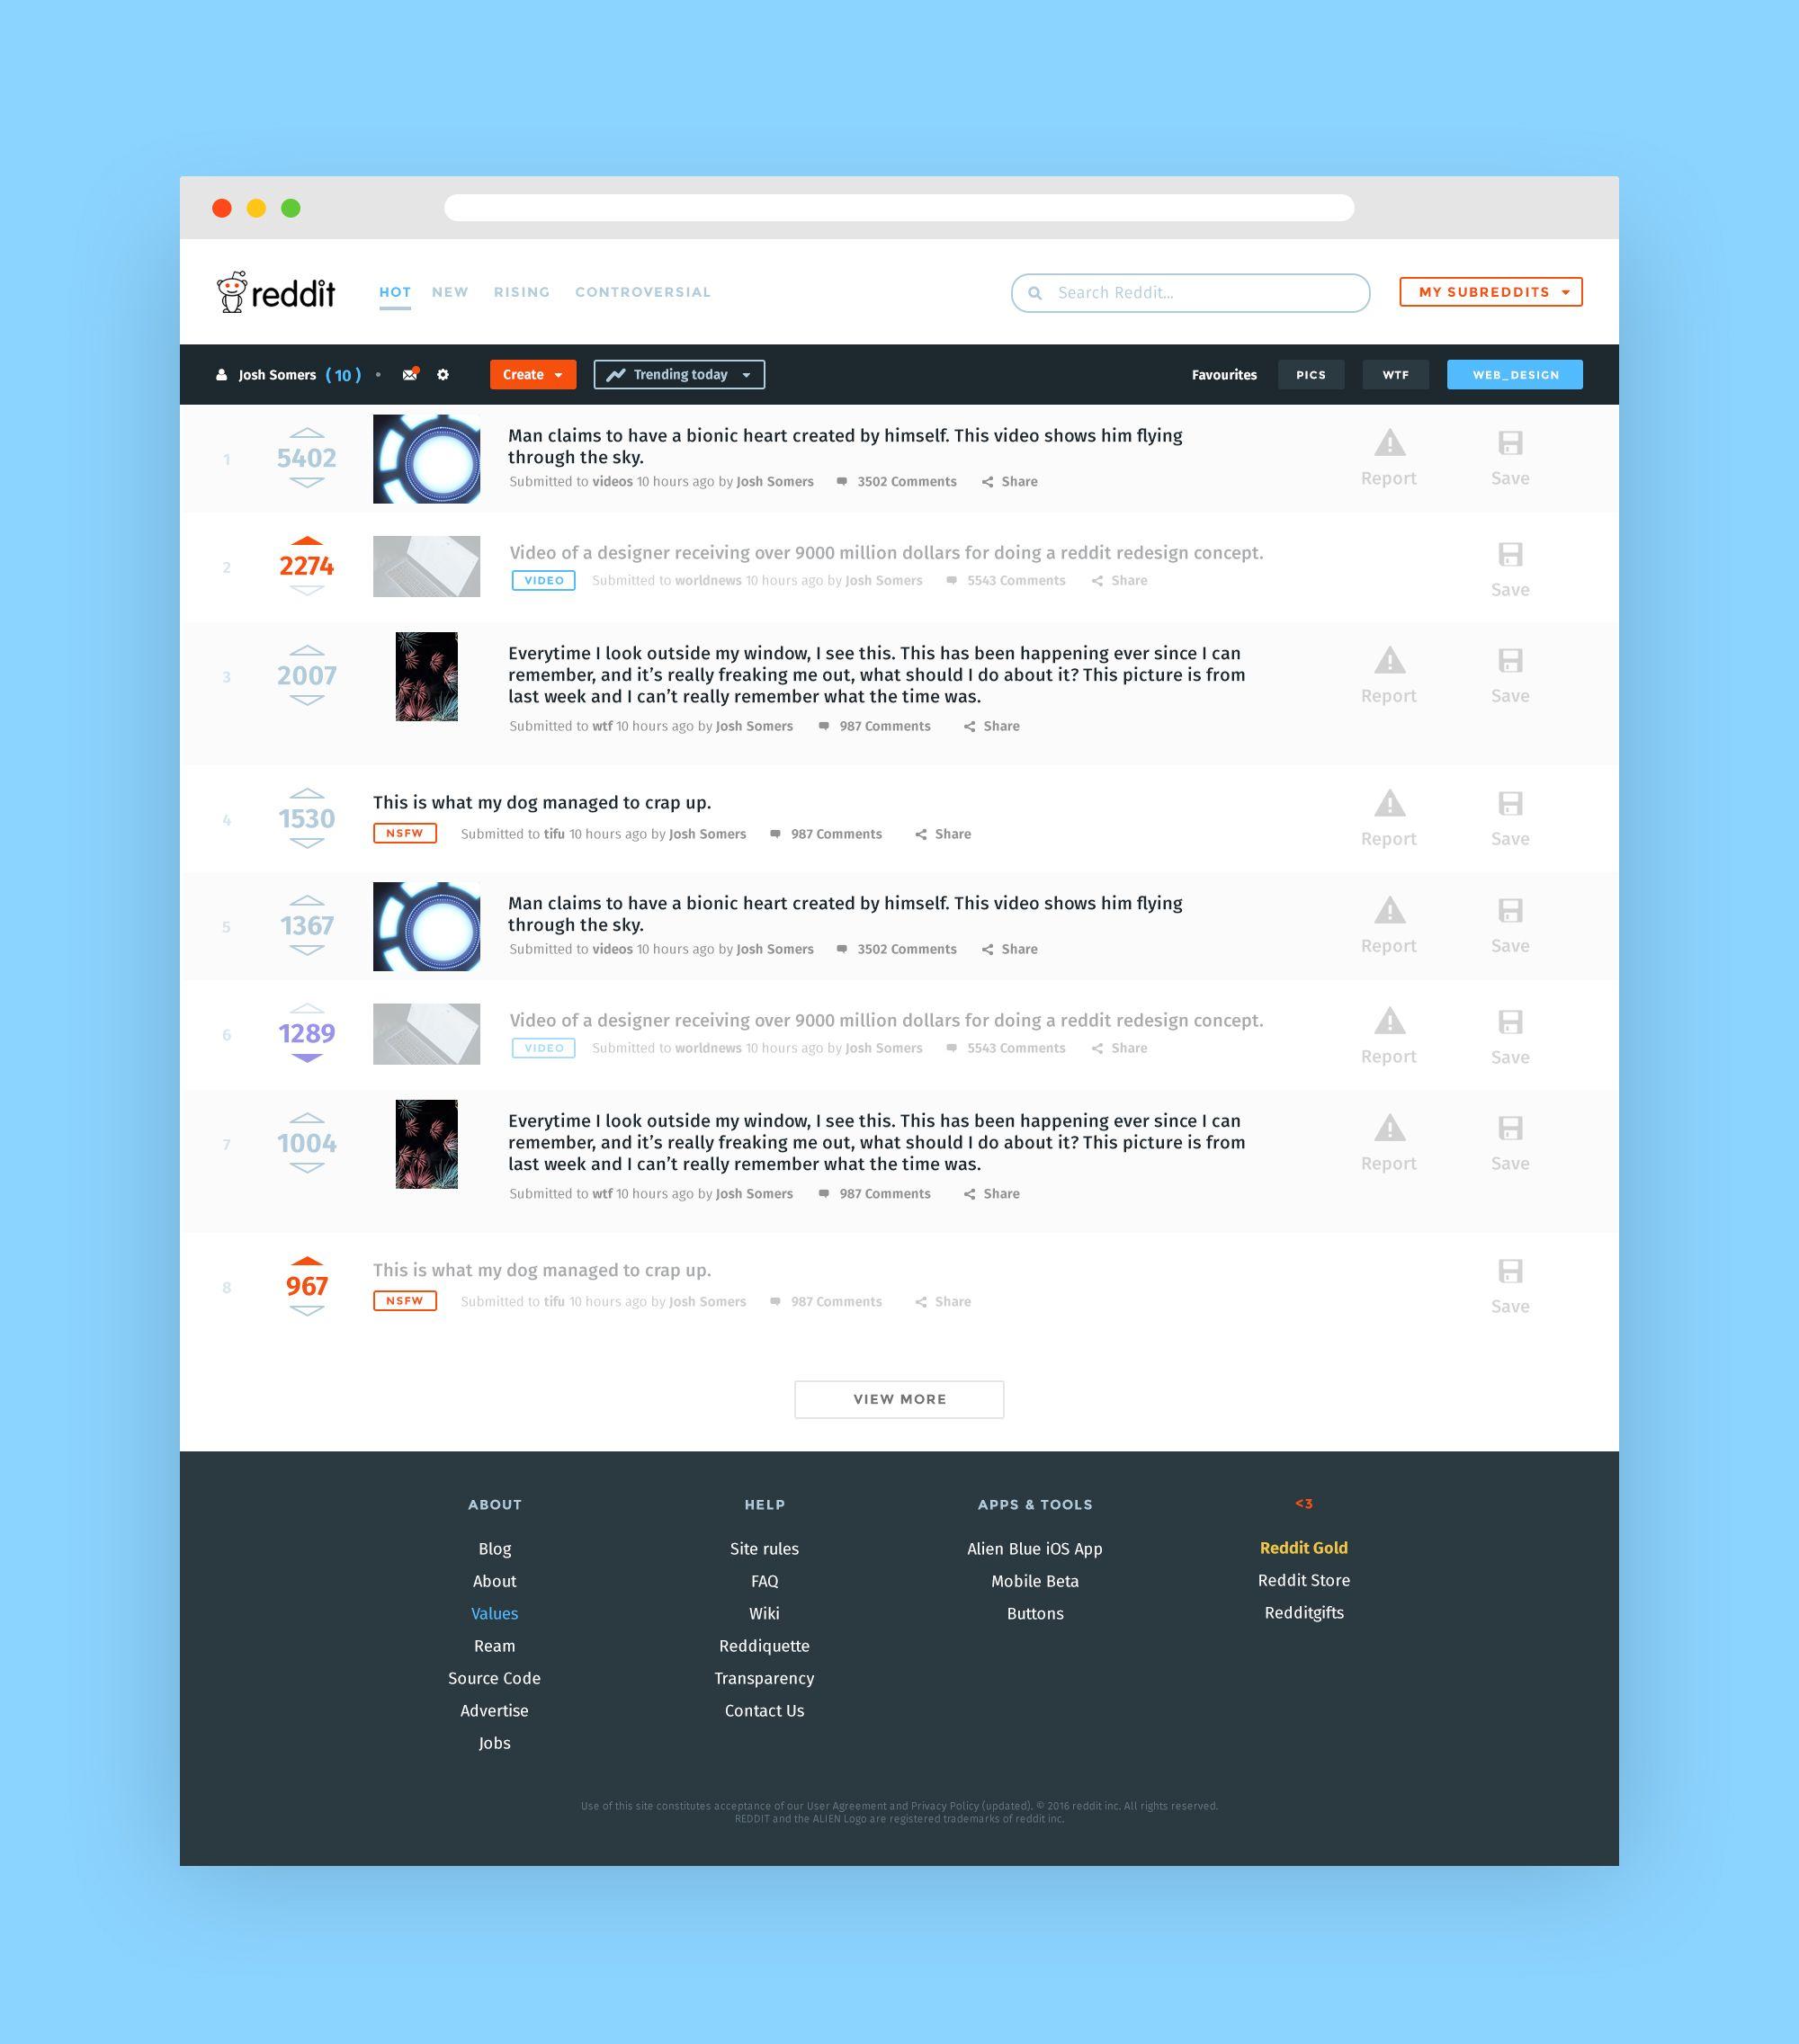 Reddit redesign Redesign, Web design, Reddit